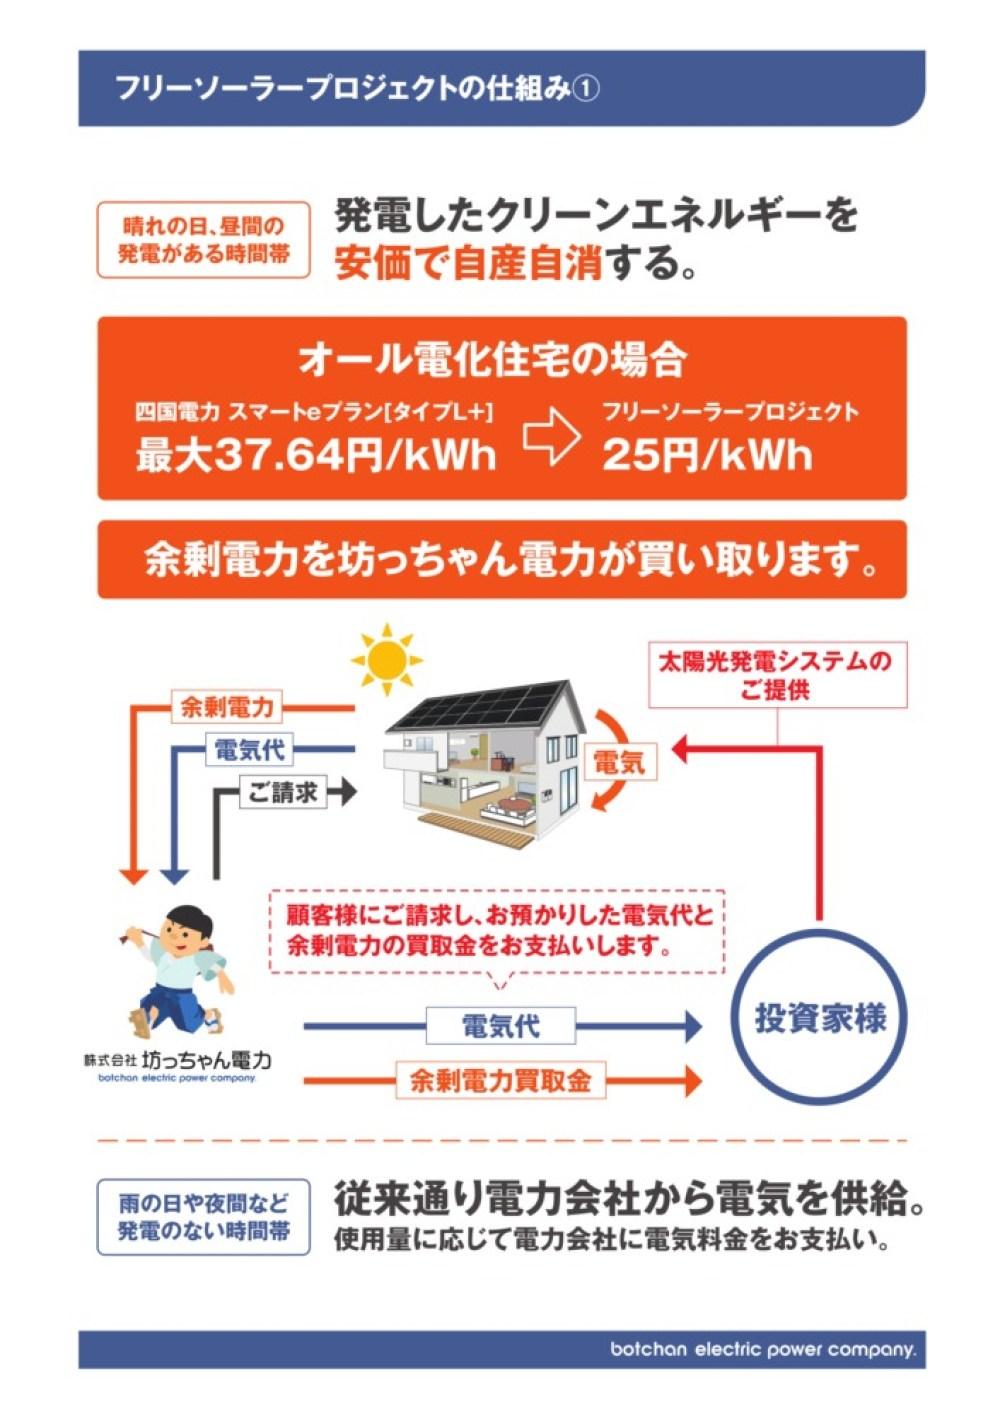 03 3 - 坊ちゃん電力